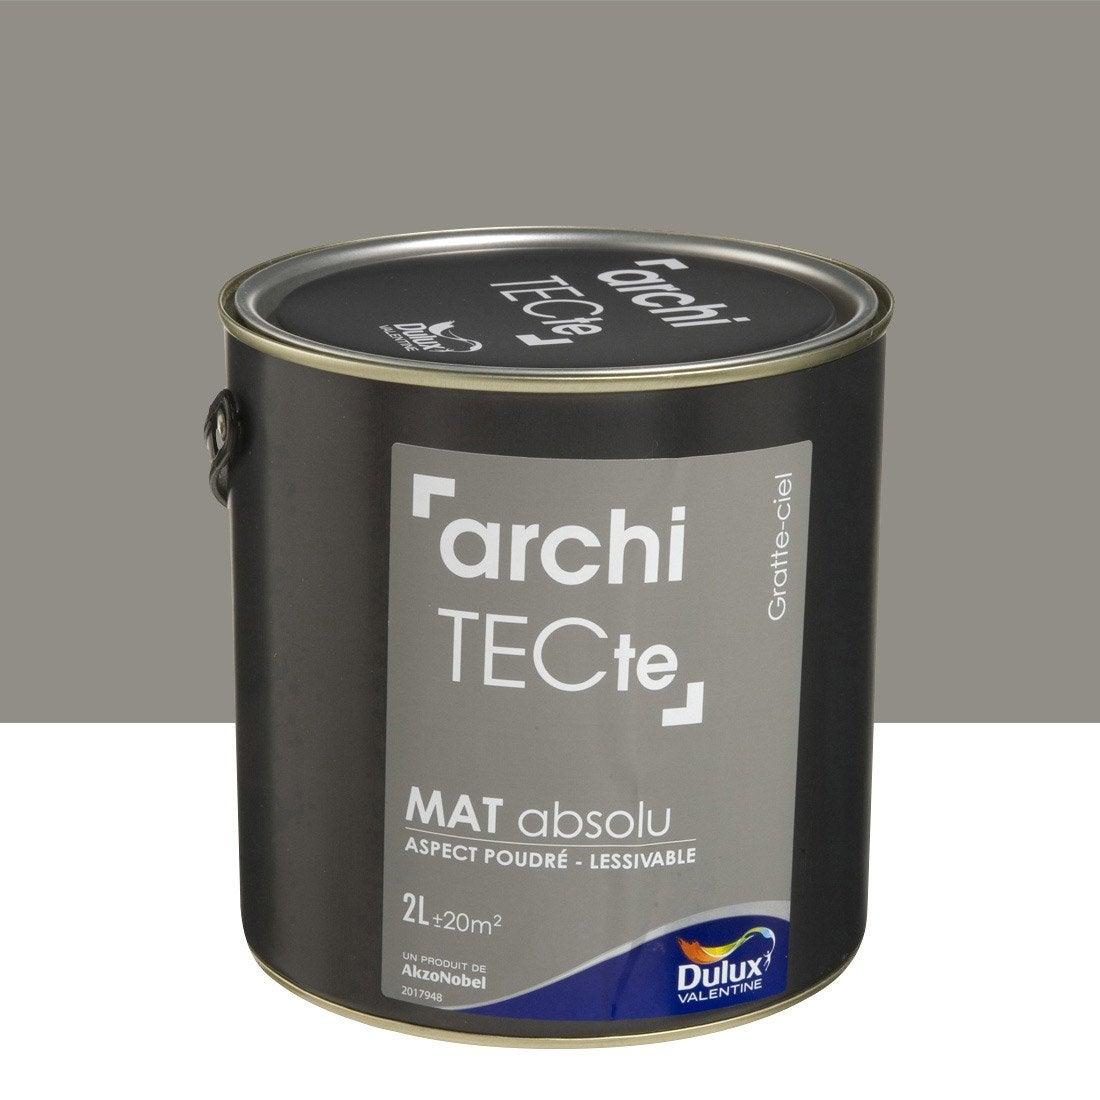 Peinture gris gratte ciel dulux valentine architecte 2 l leroy merlin for Peinture hydrofuge douche